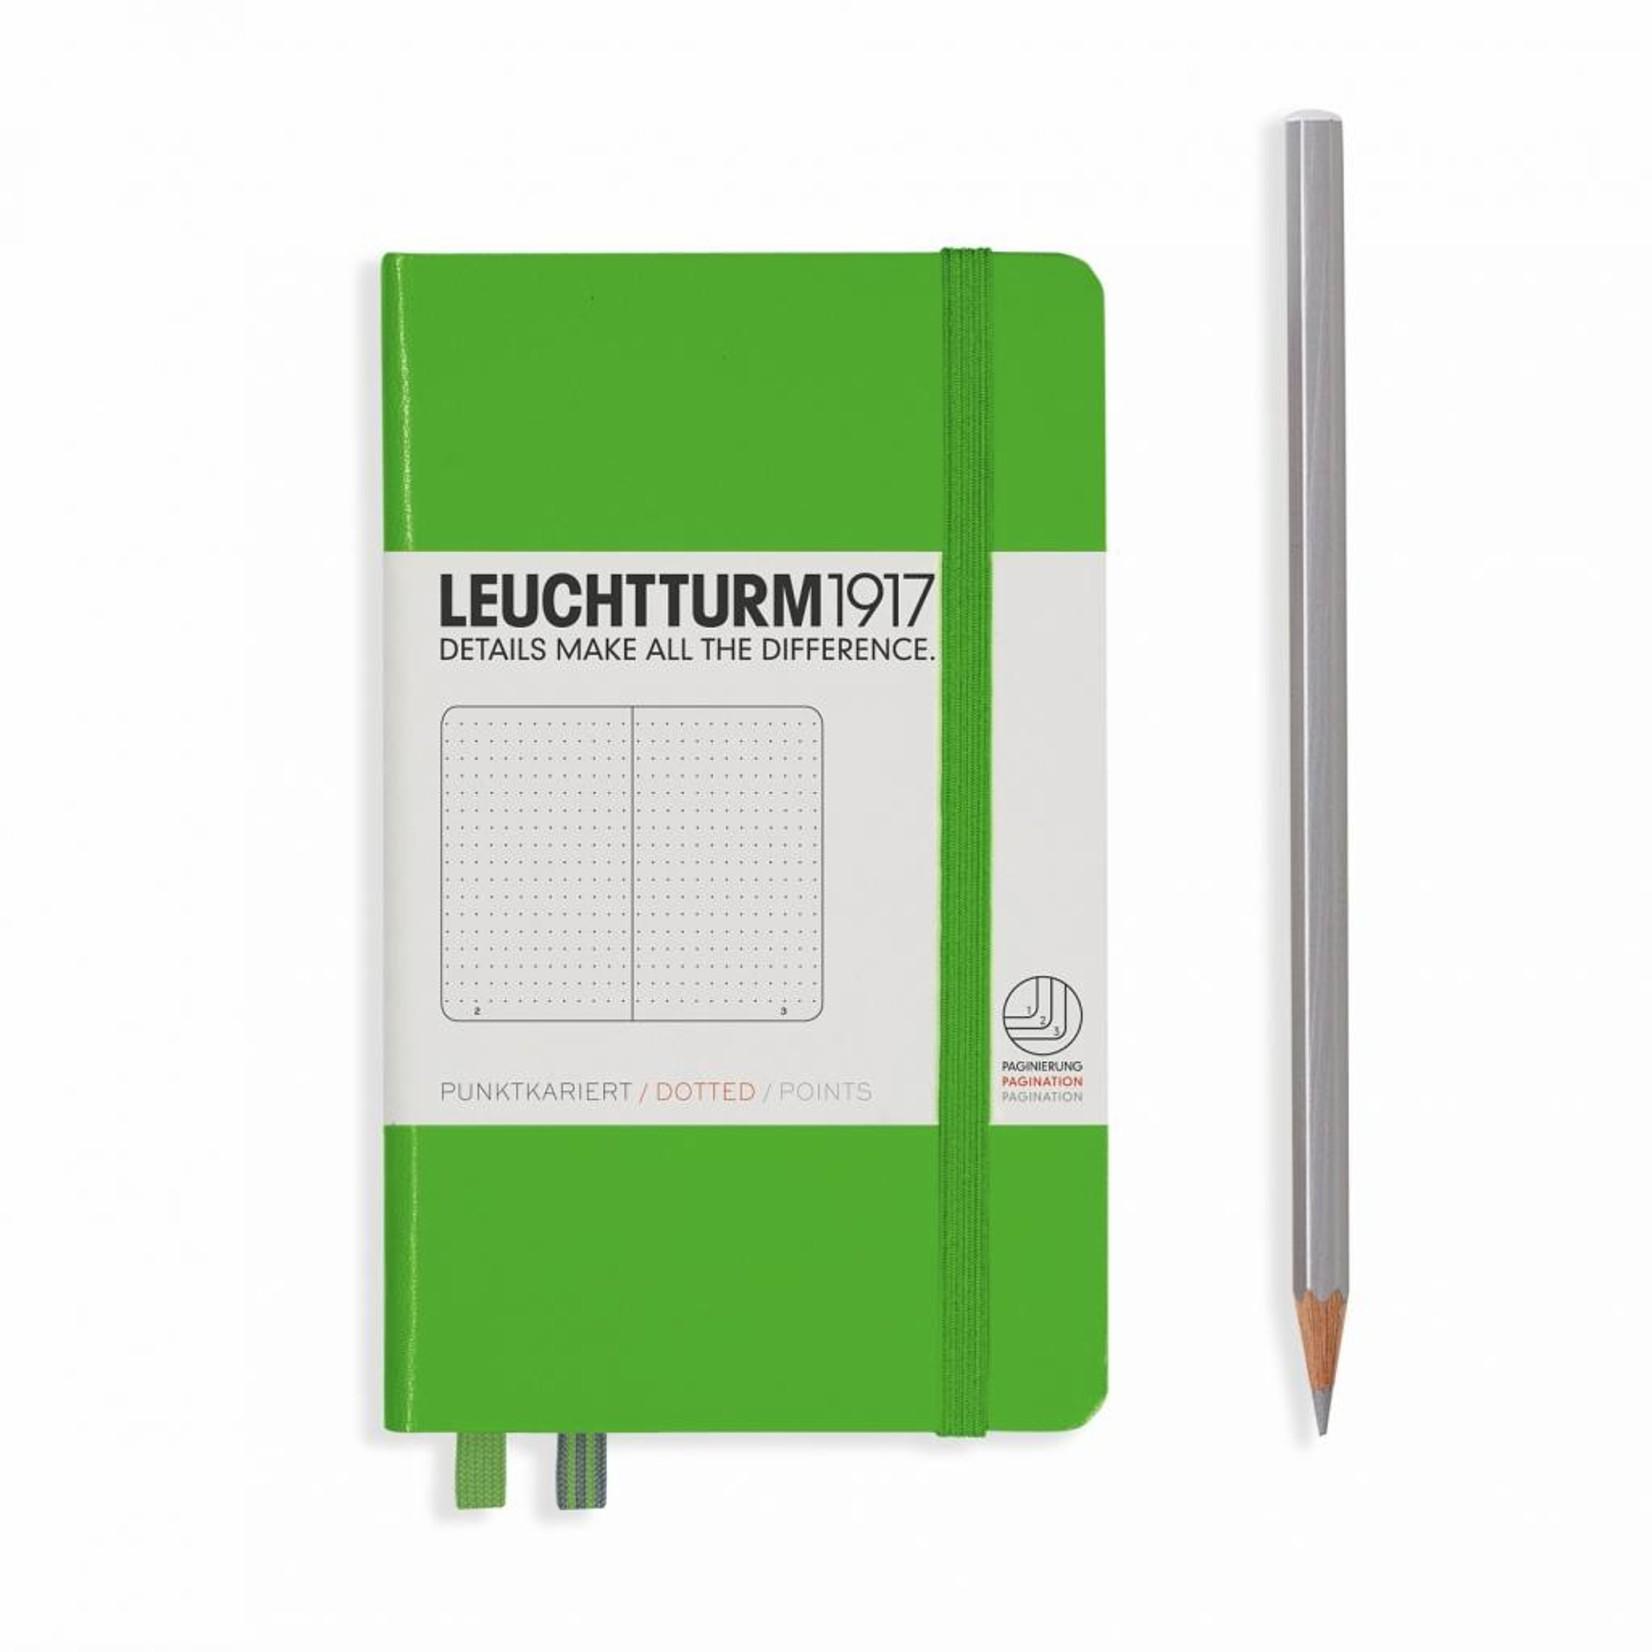 Leuchtturm1917 LT Notizbuch A6 POCKET HC Fresh Green dotted